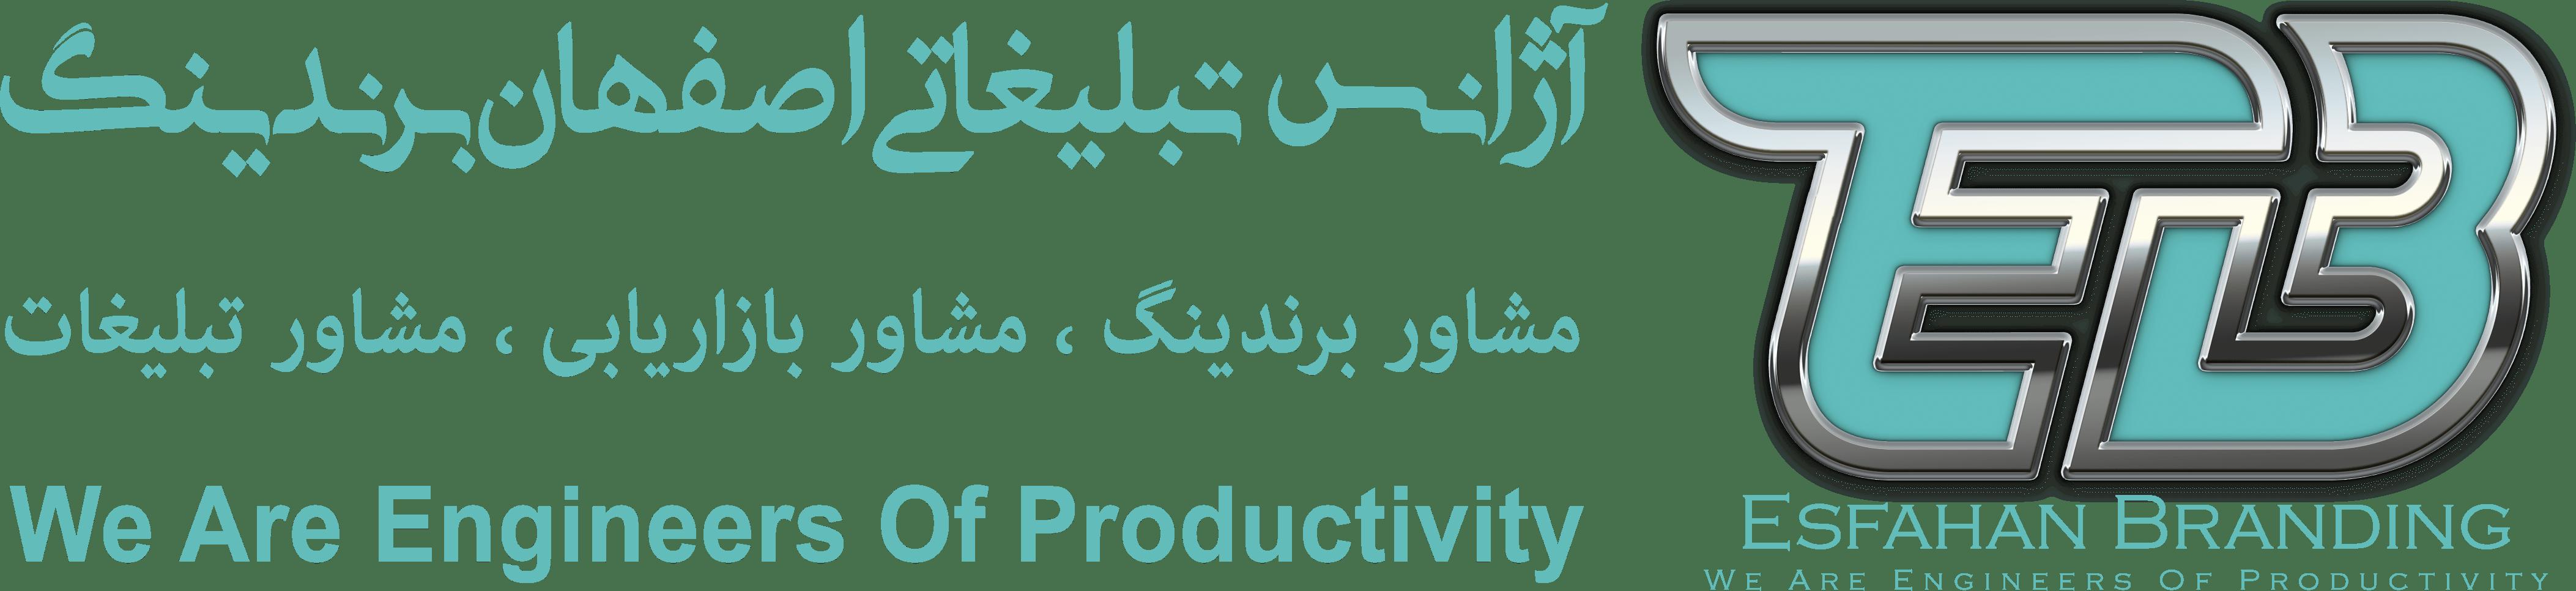 logo-png-heder